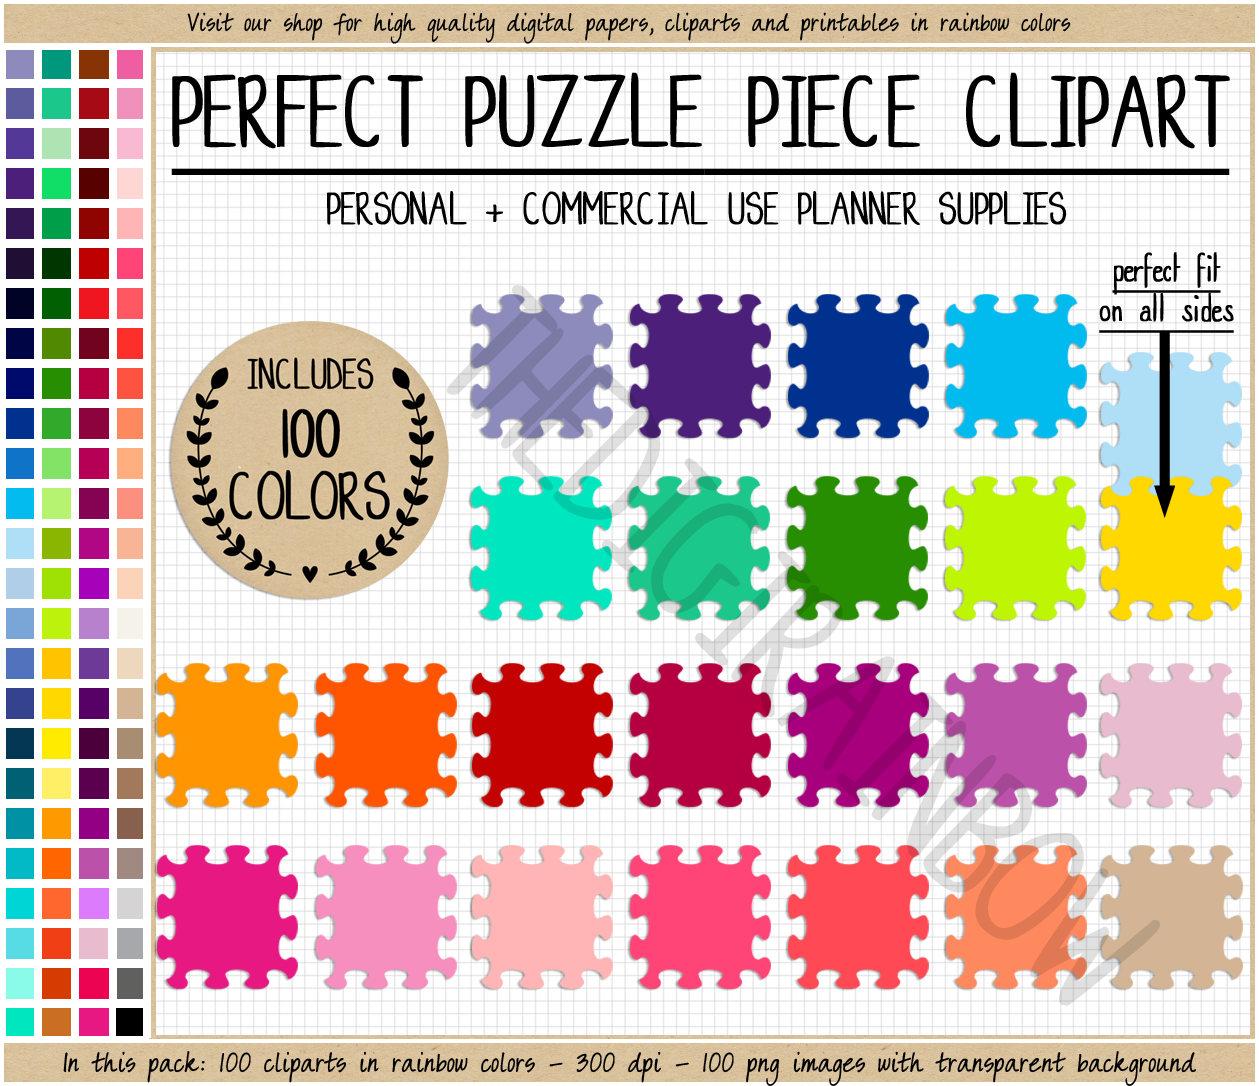 Sale 100 Puzzle Clipart Rainbow Puzzle Printable Sticker Board | Etsy - Printable Rainbow Puzzle